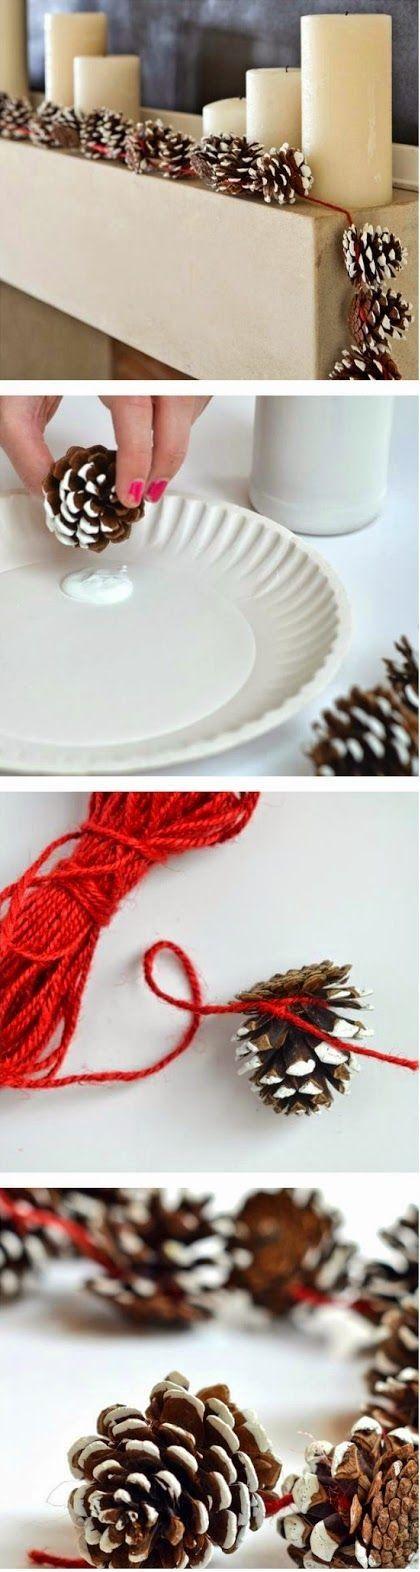 Yılbaşı İçin Ev Dekorasyon Fikirleri #DIY #kendinyap #xmas #christmas #home #decoration #easy #cheap